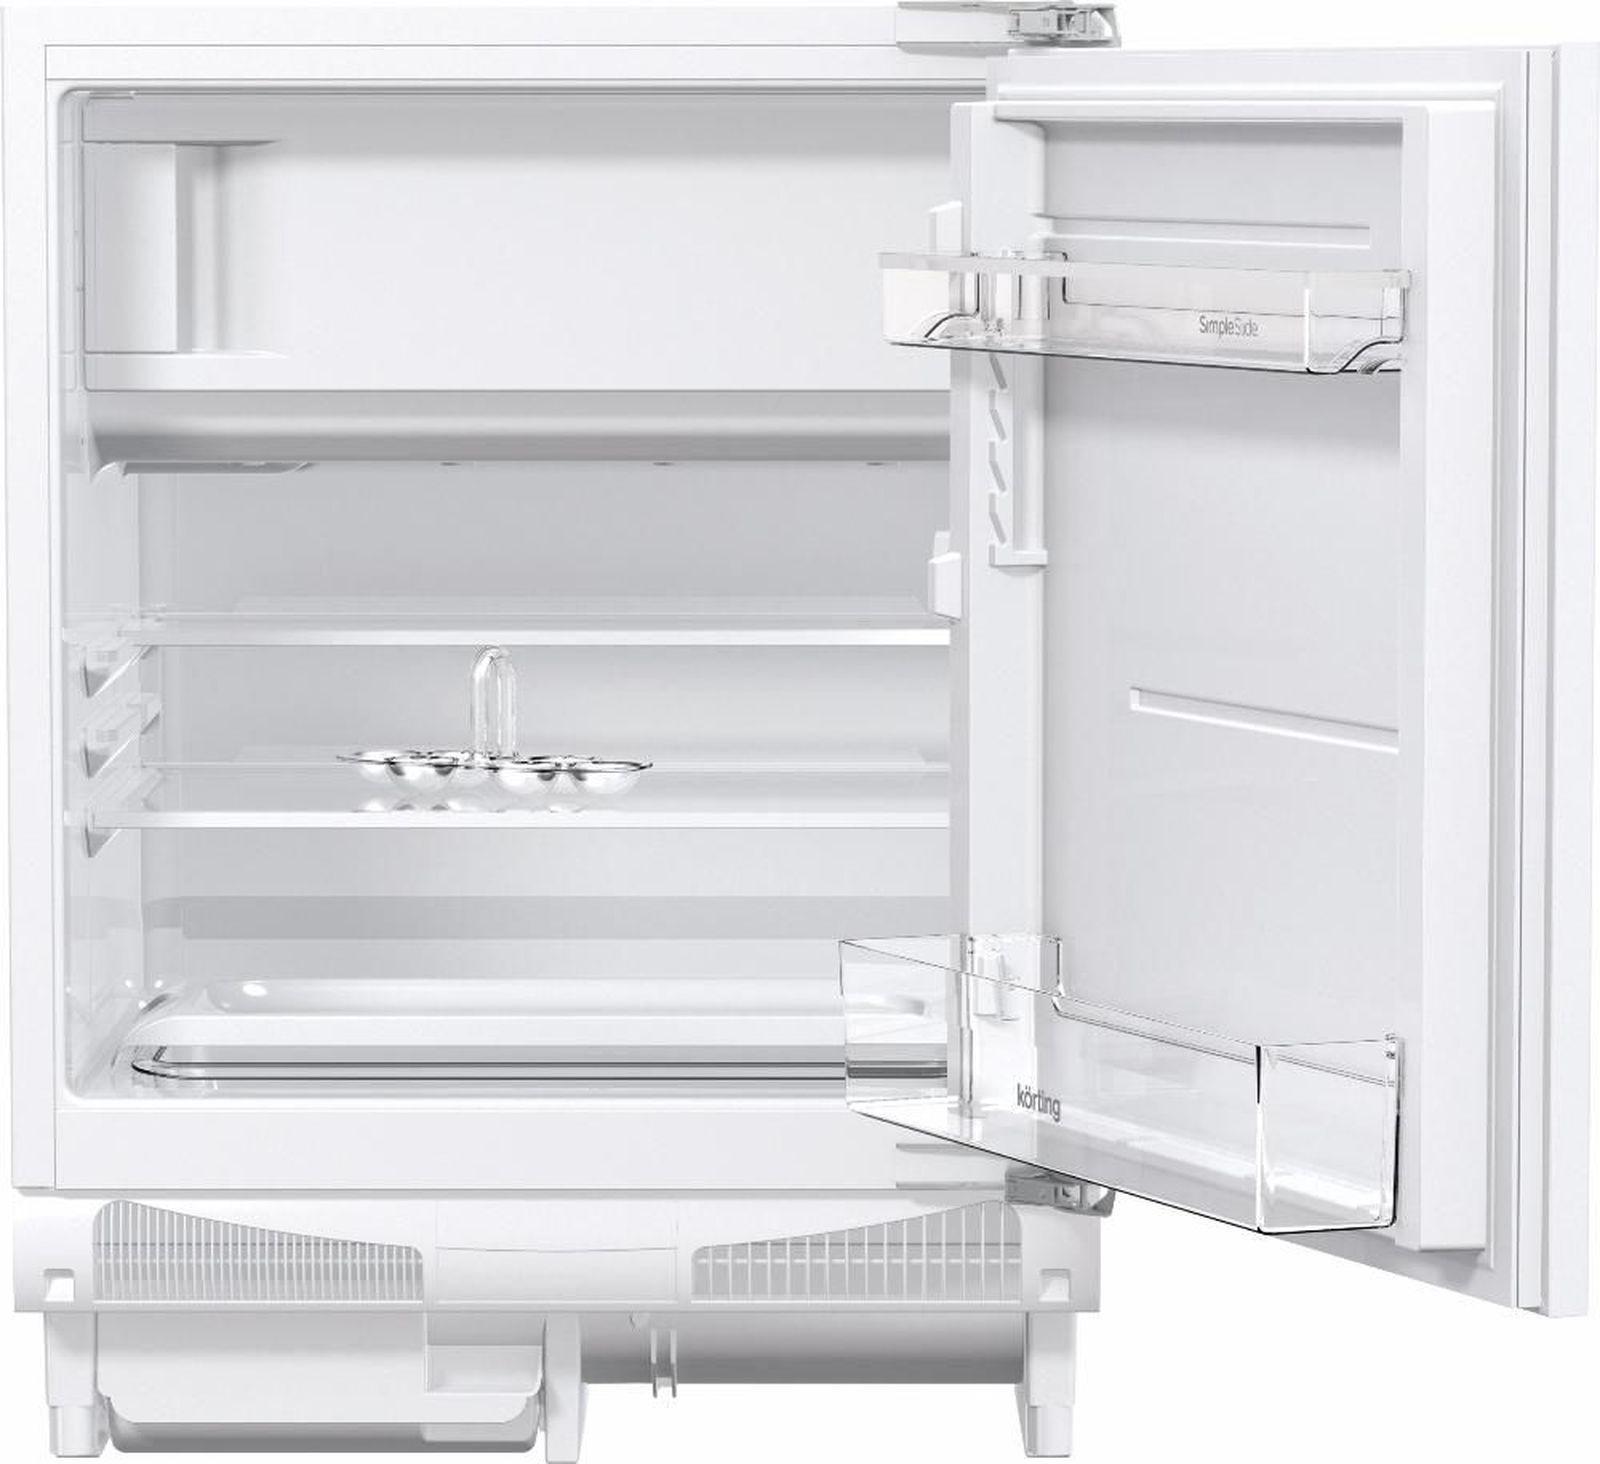 Встраиваемый холодильник Korting KSI 8256 Korting